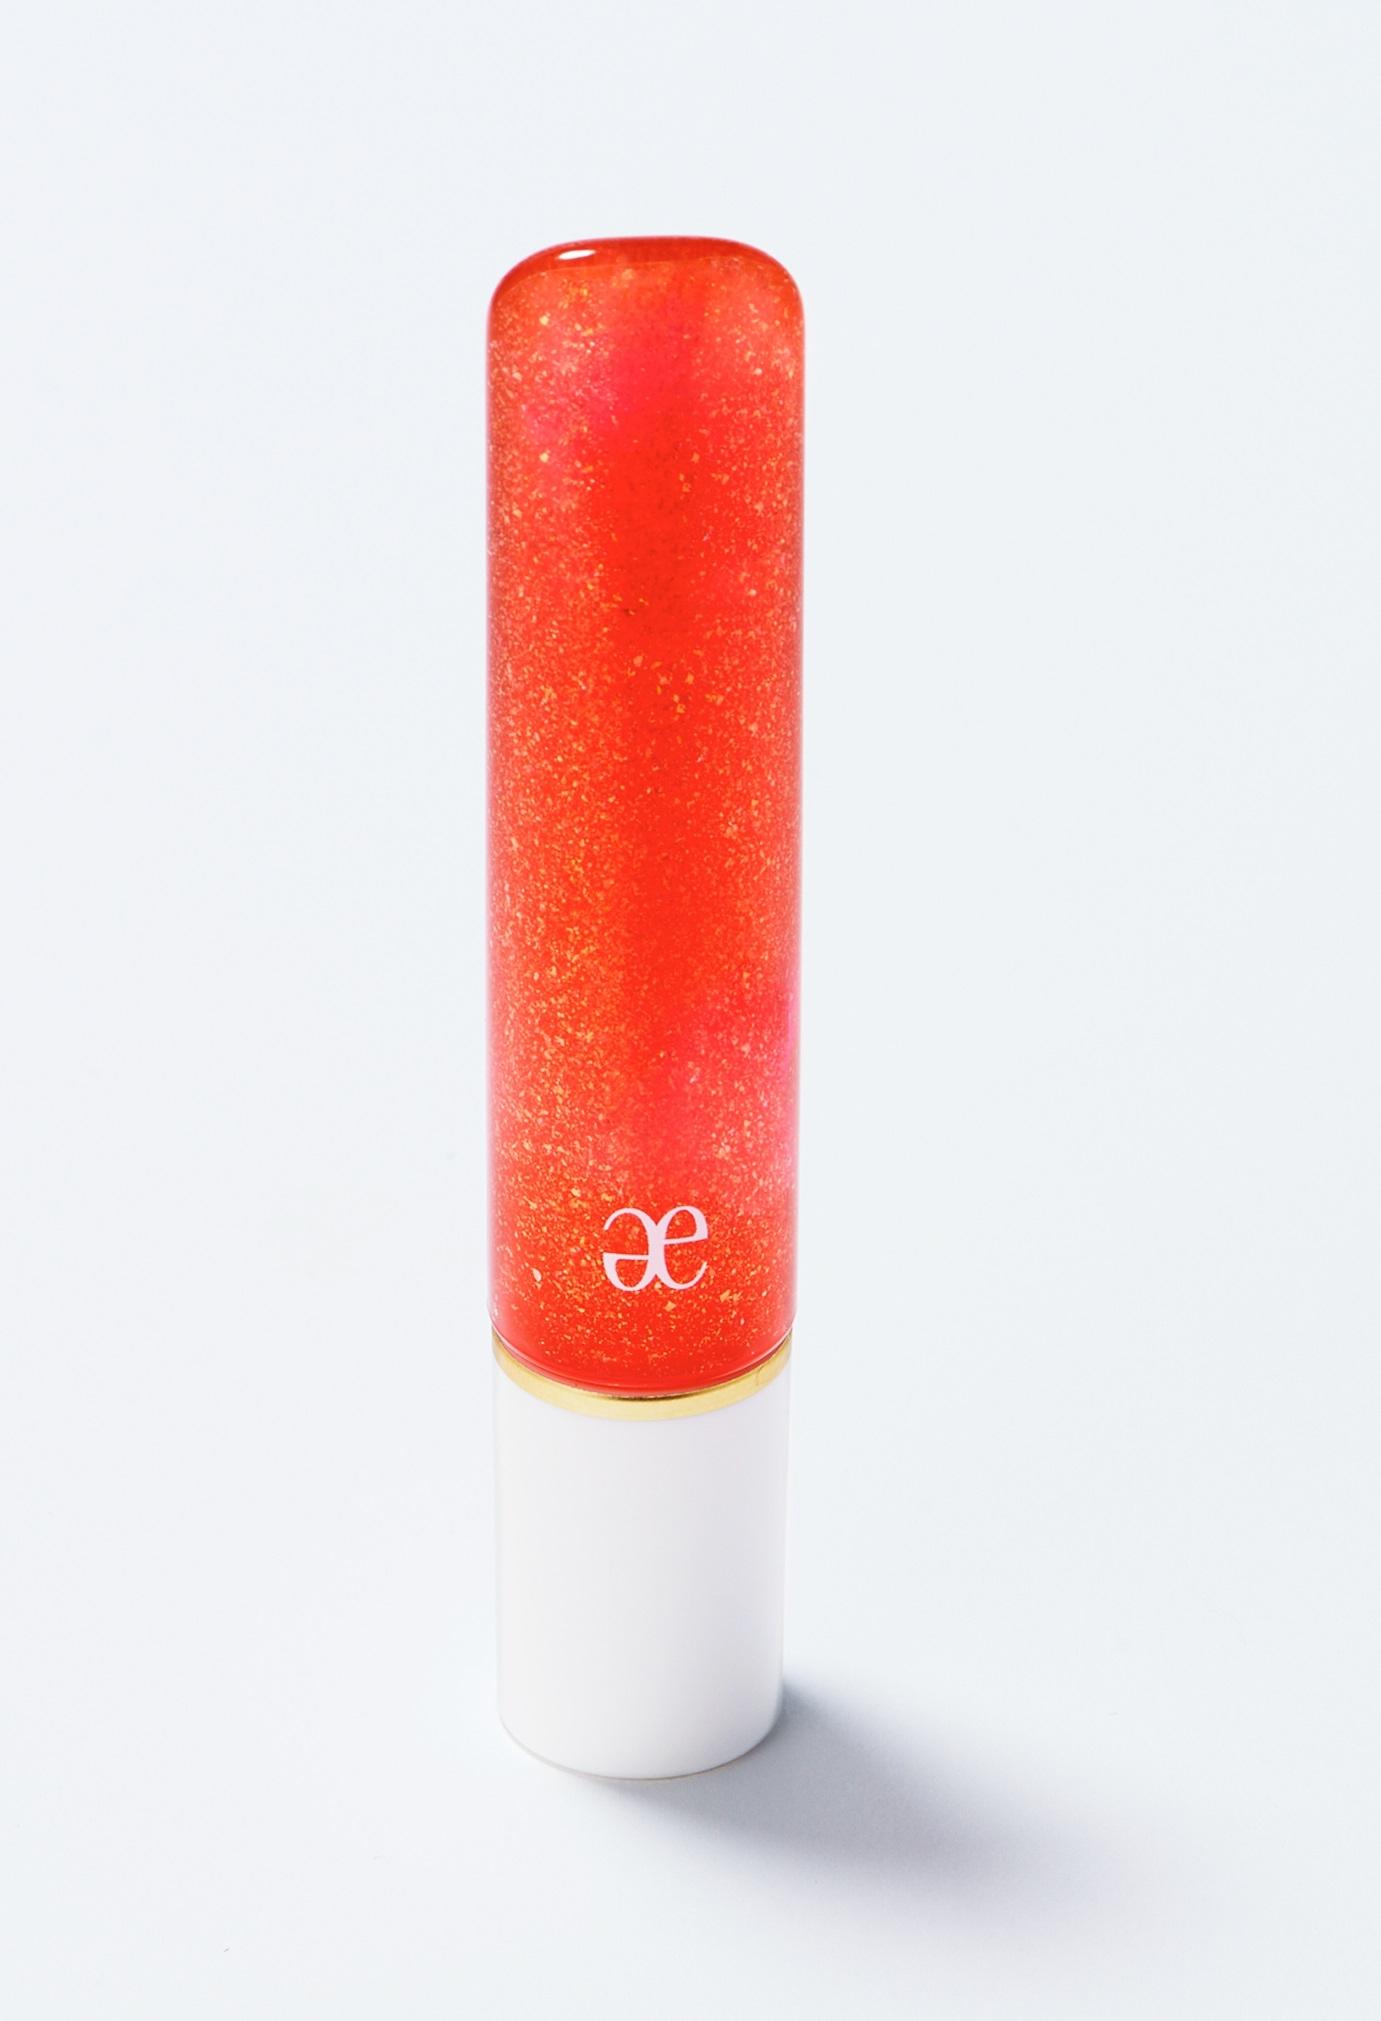 ラメ入りのオレンジグロスでフレッシュな唇に